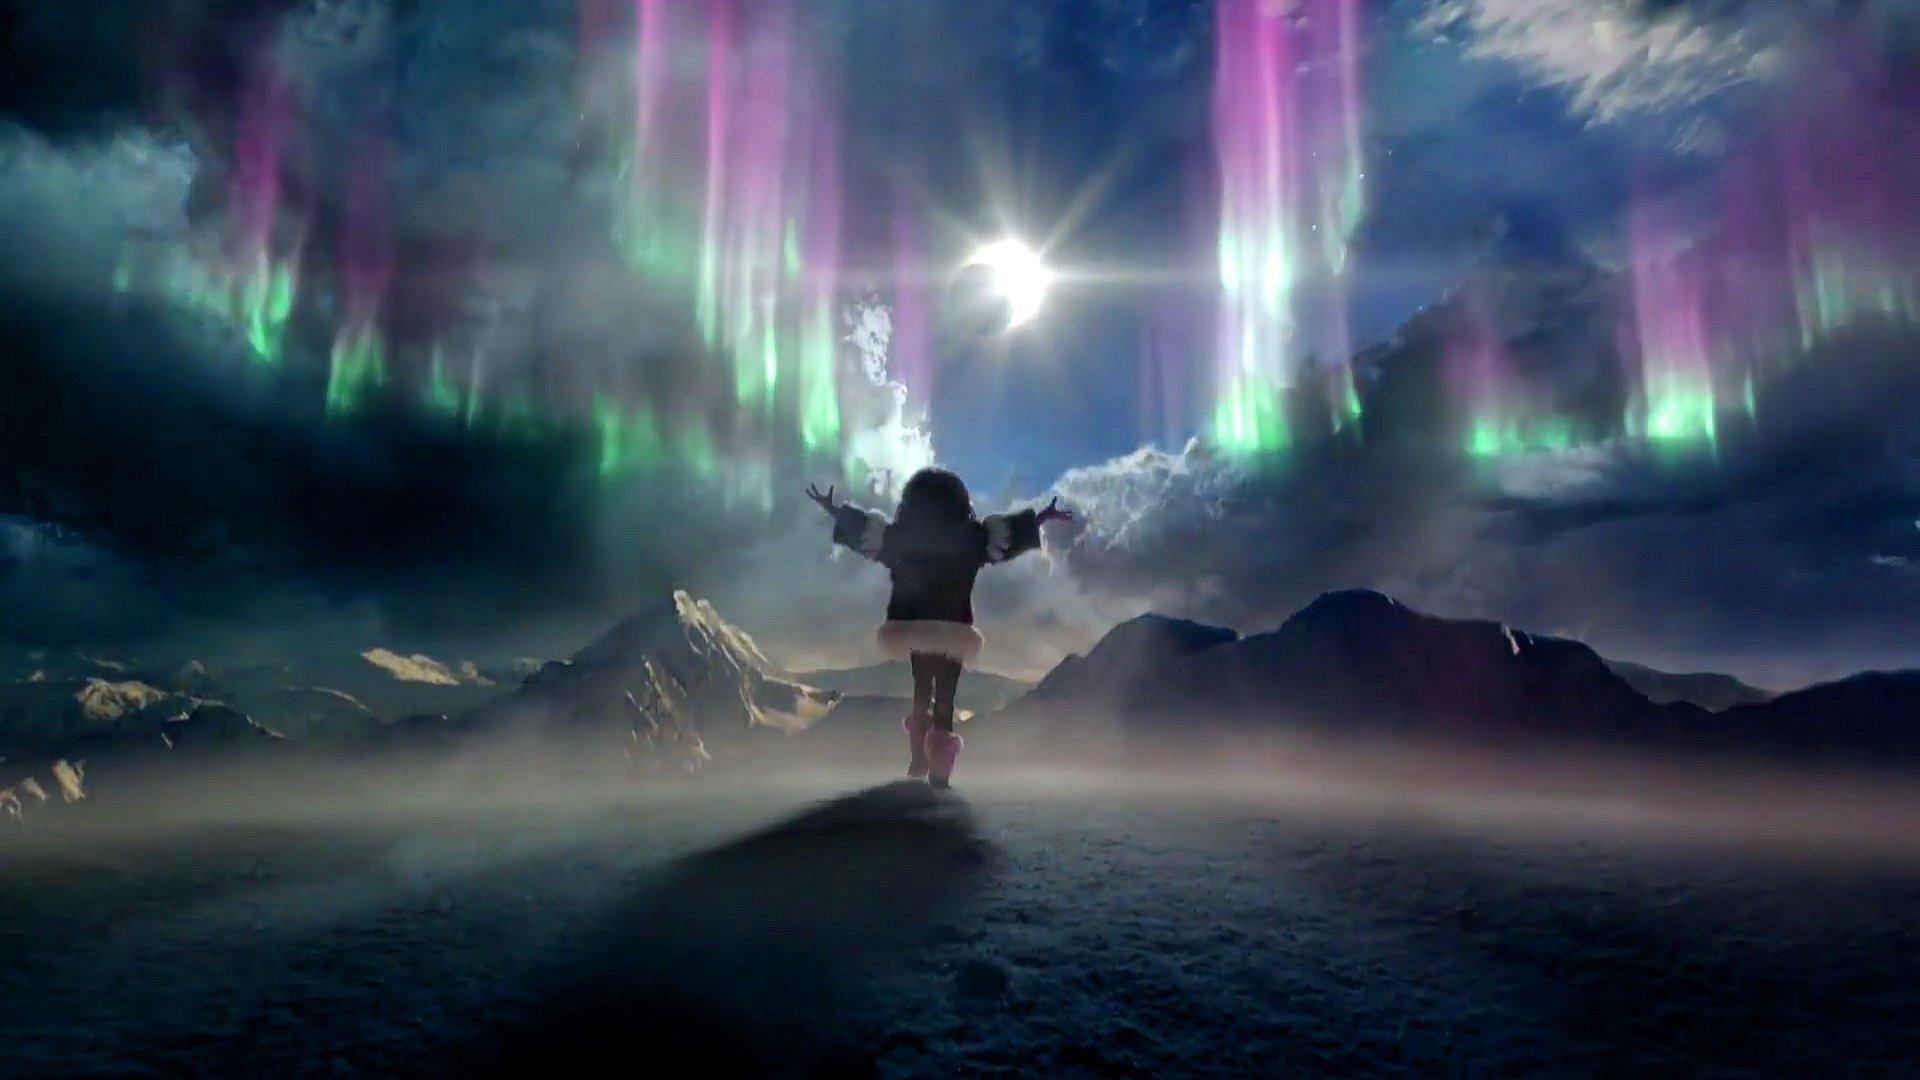 Aurora boreal papel de parede hd plano de fundo for Sfondi aurora boreale